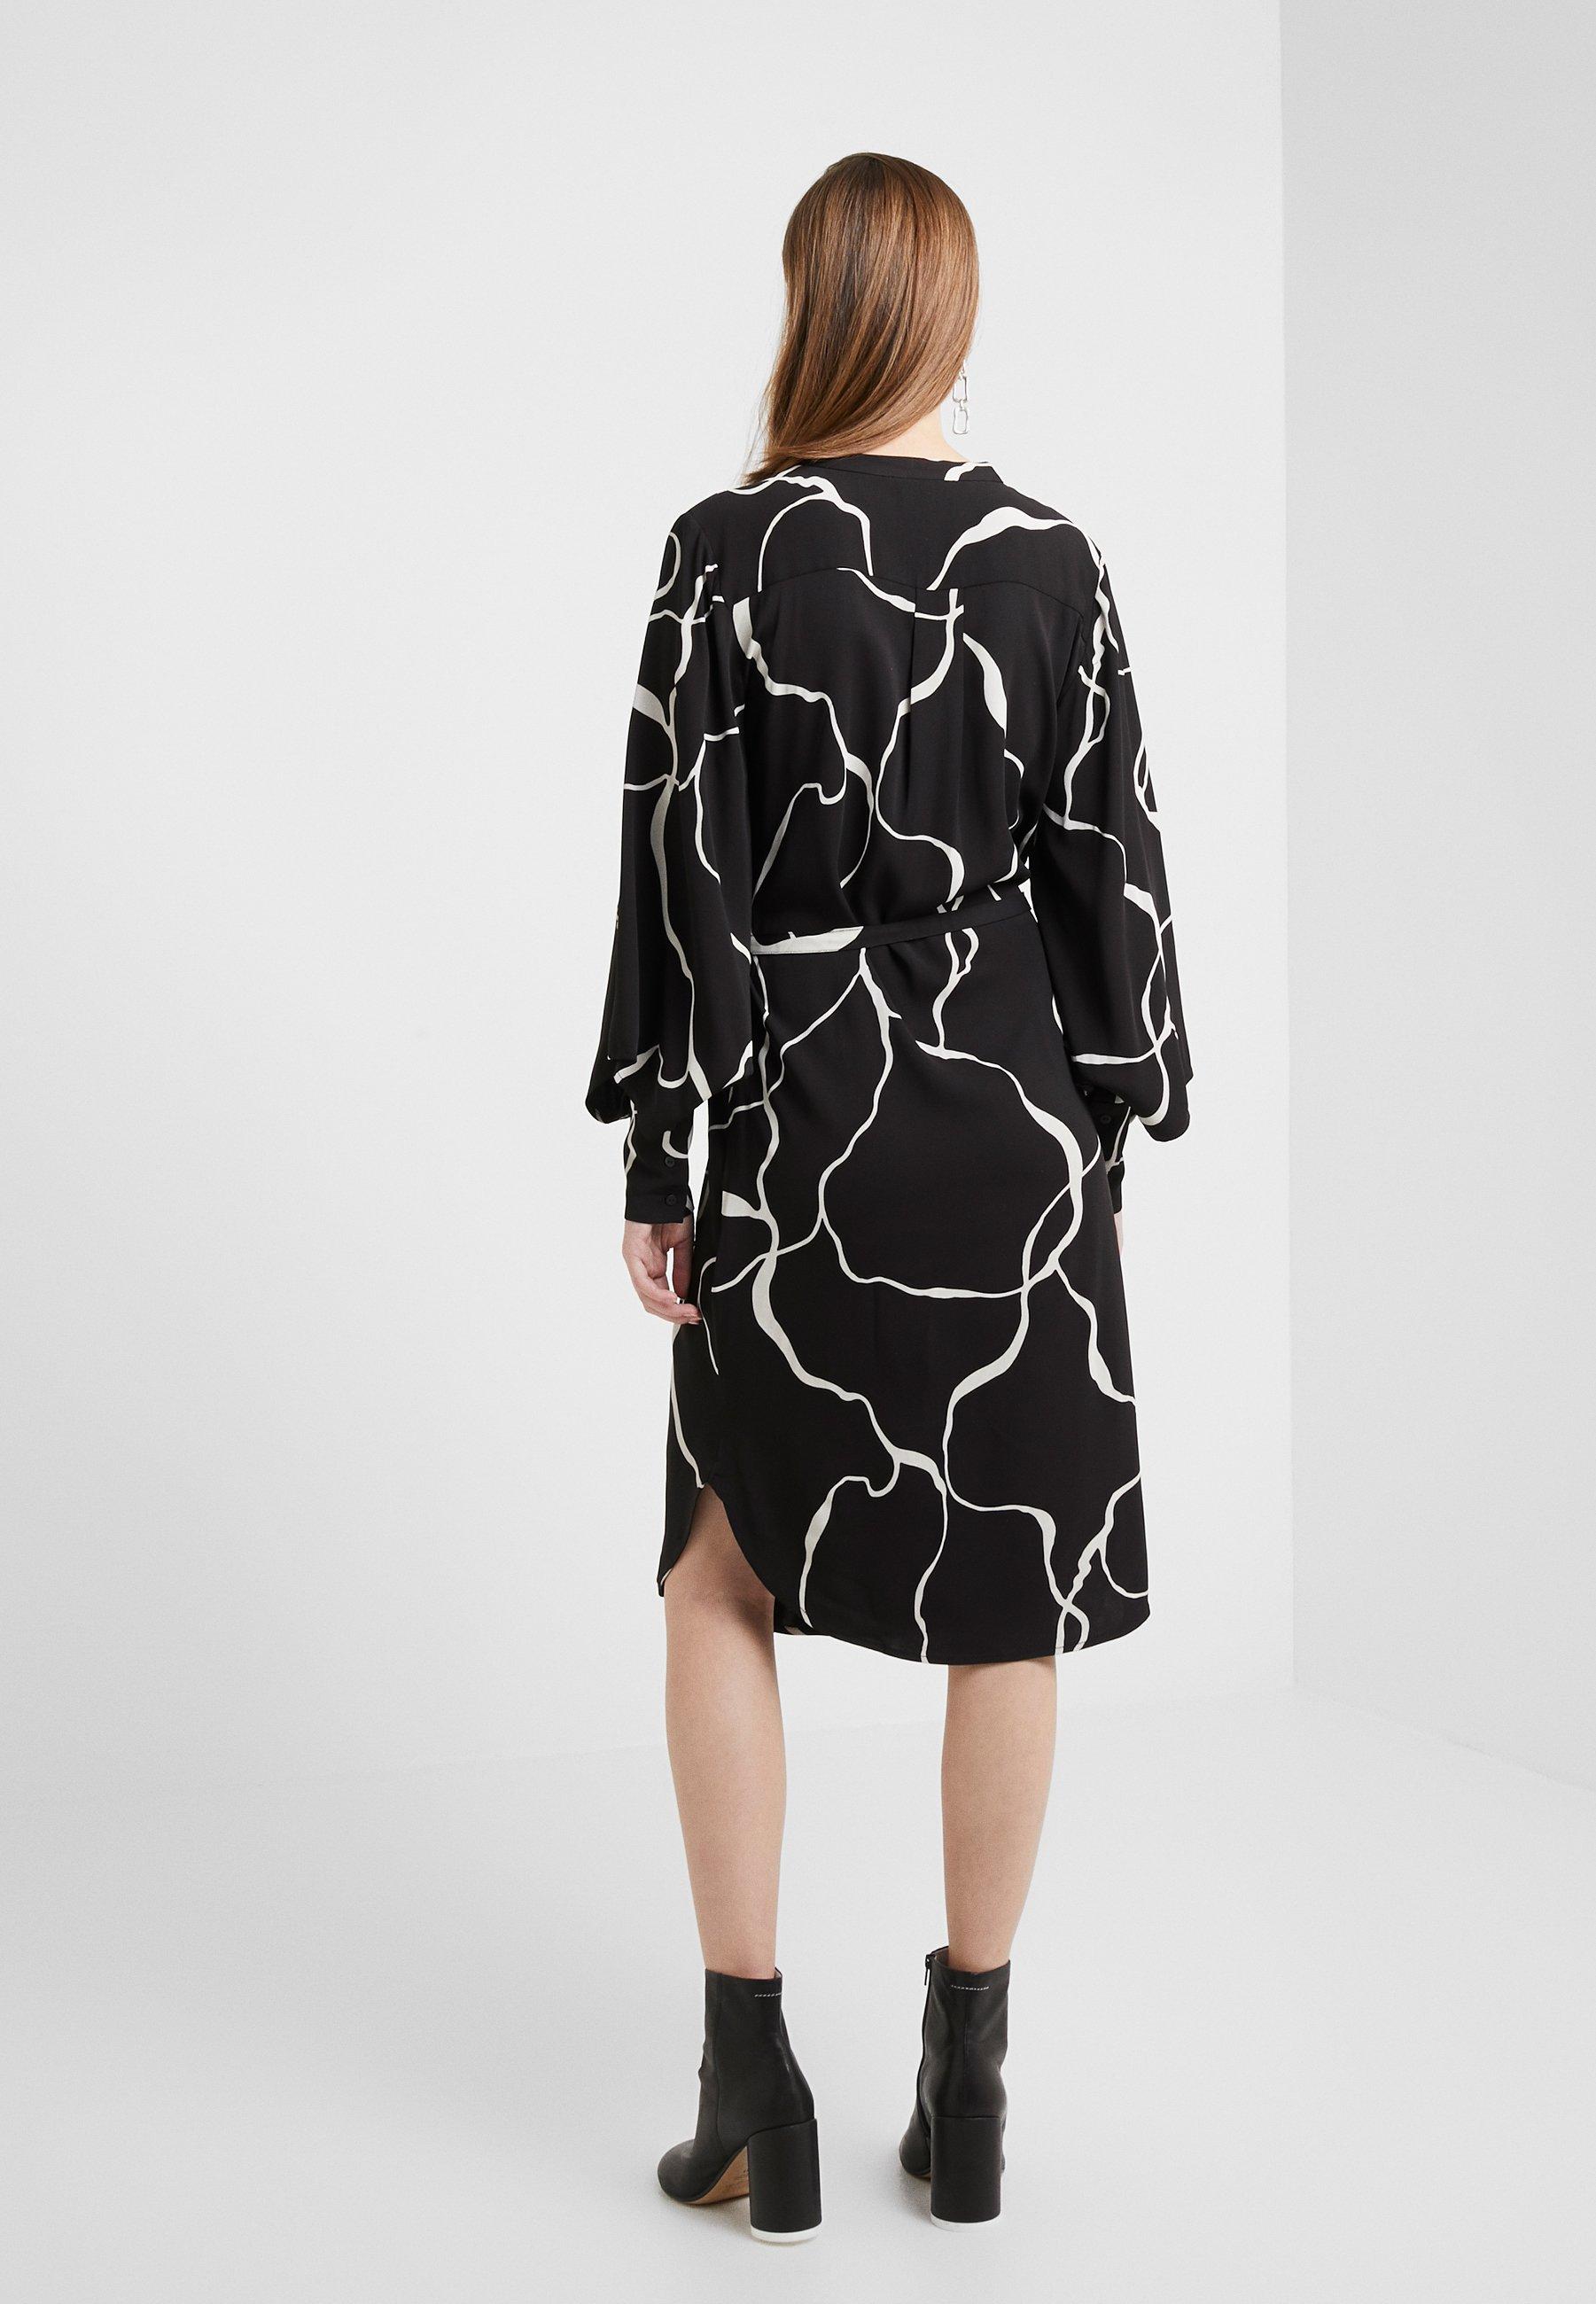 Bruuns Bazaar Bonne Abstract Dress - Vestito Estivo Black HF5nSFk